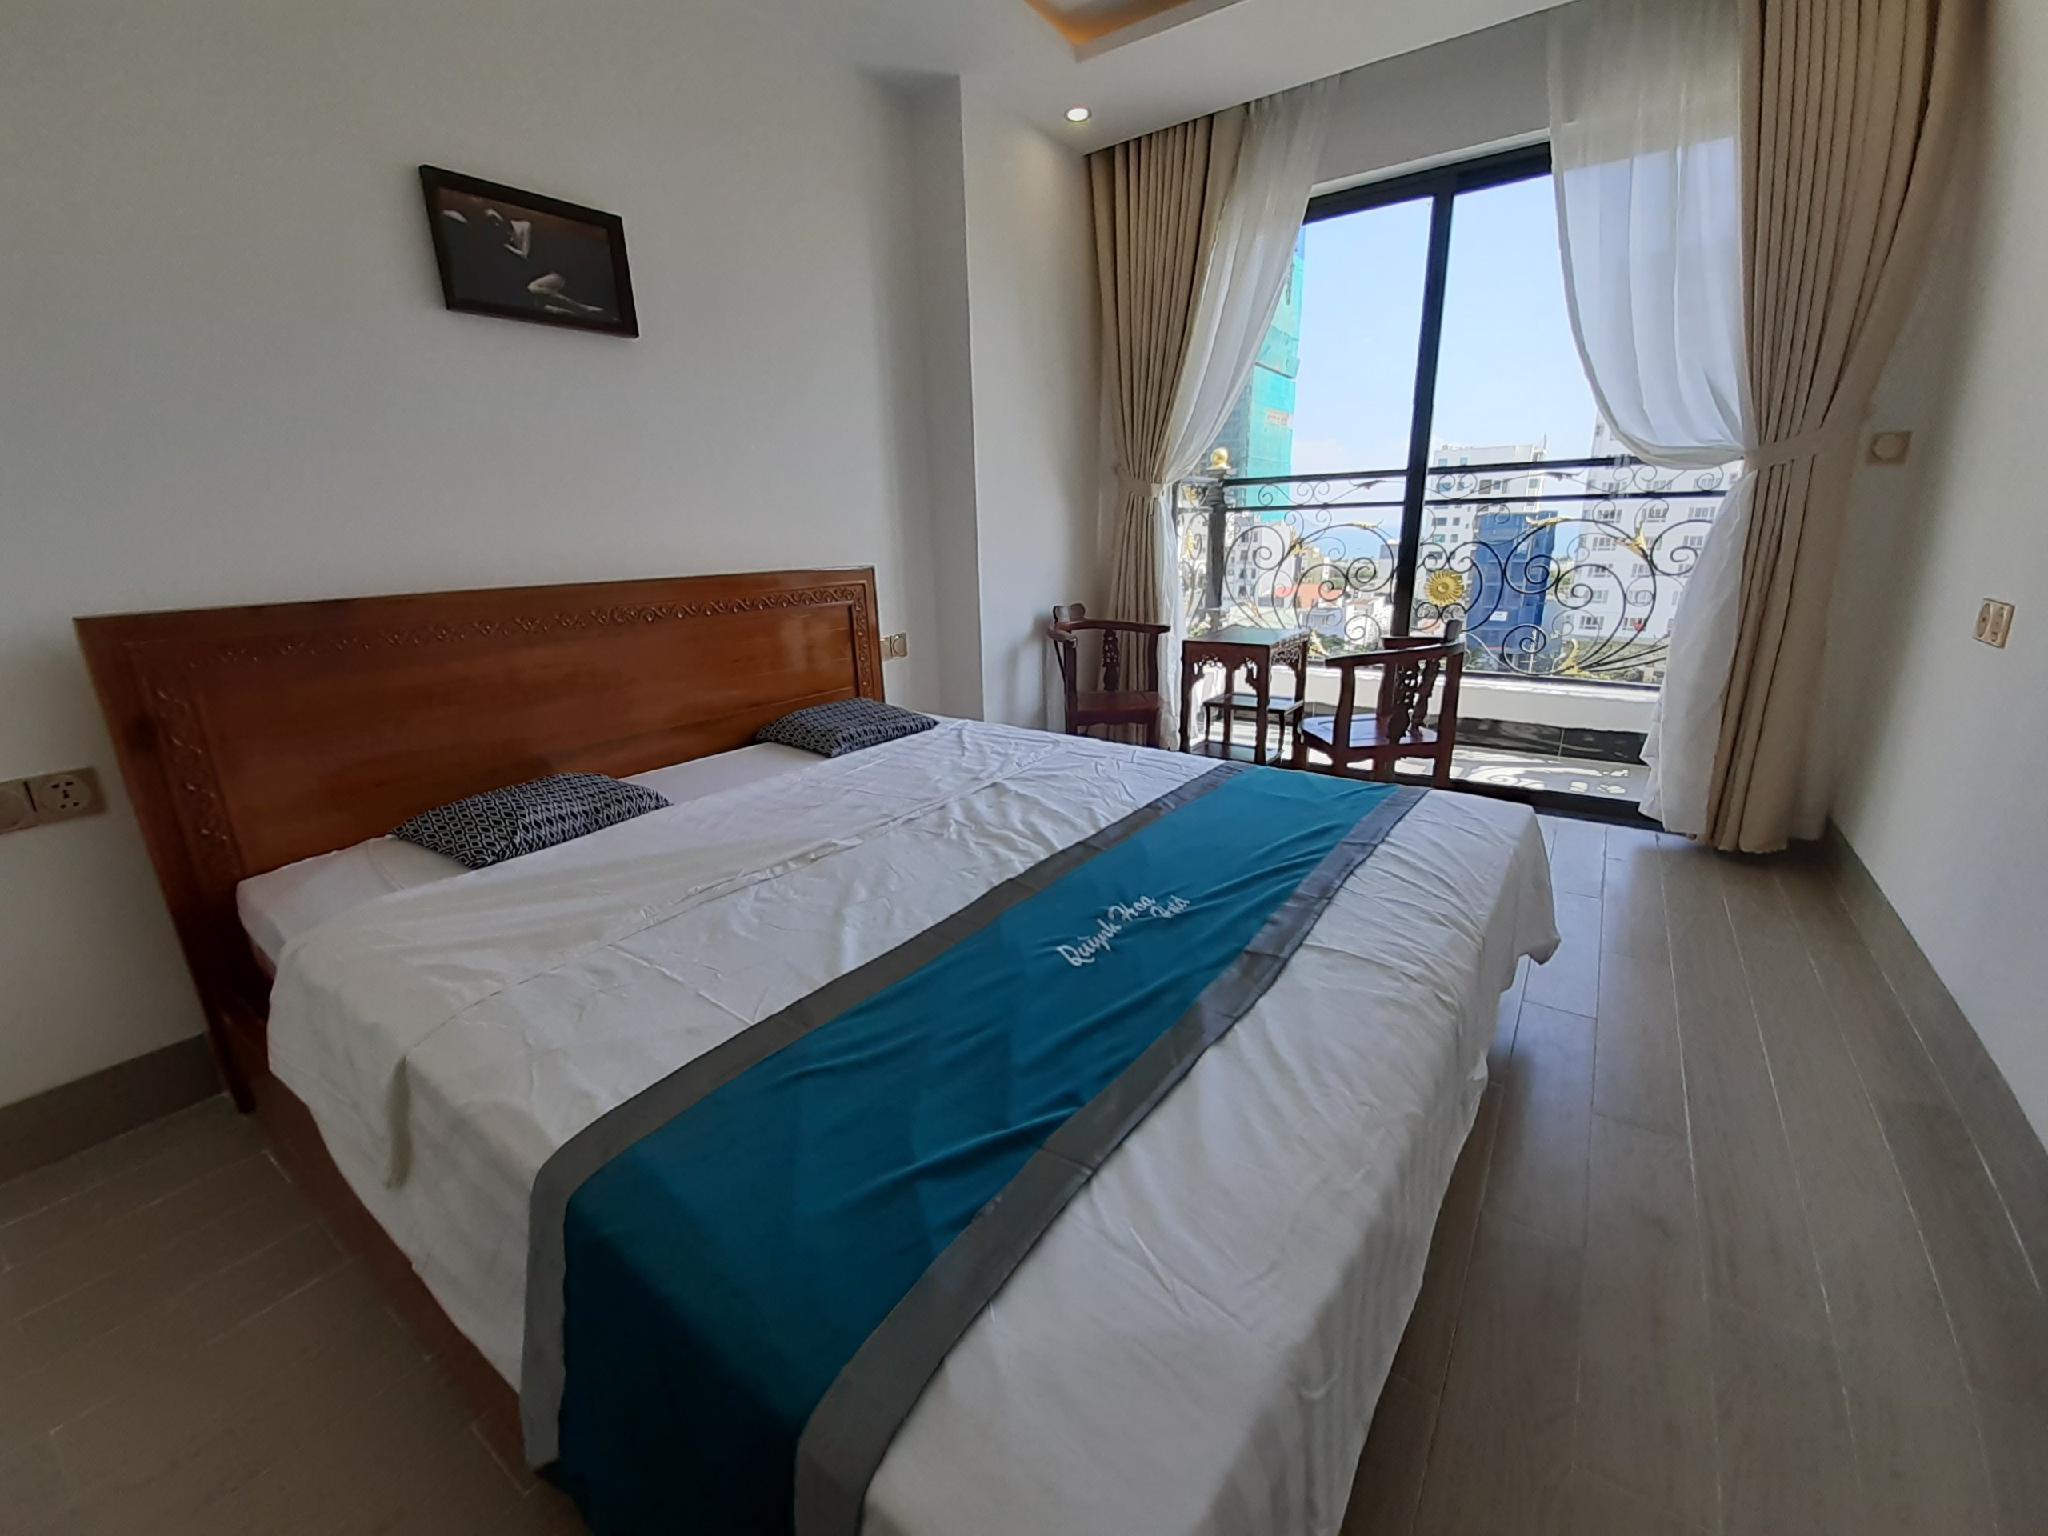 OYO 747 Quynh Hoa Hotel